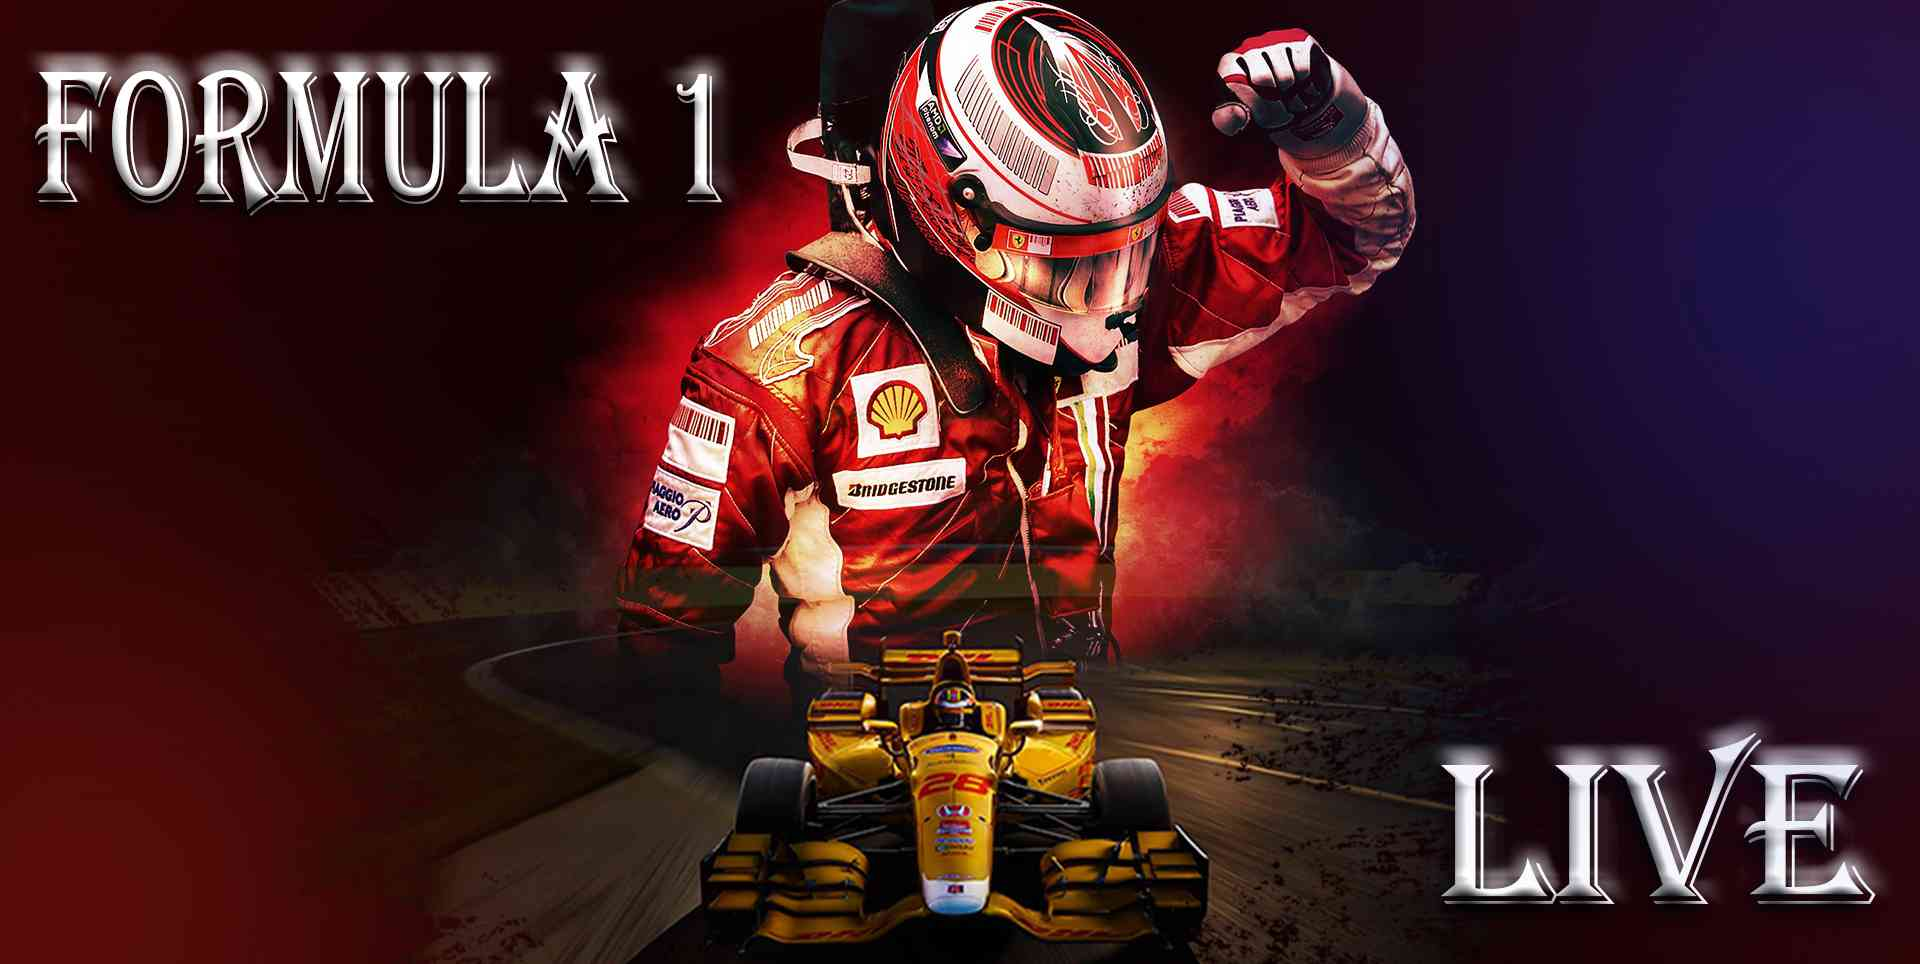 2015-macau-grand-prix-formula-3-online